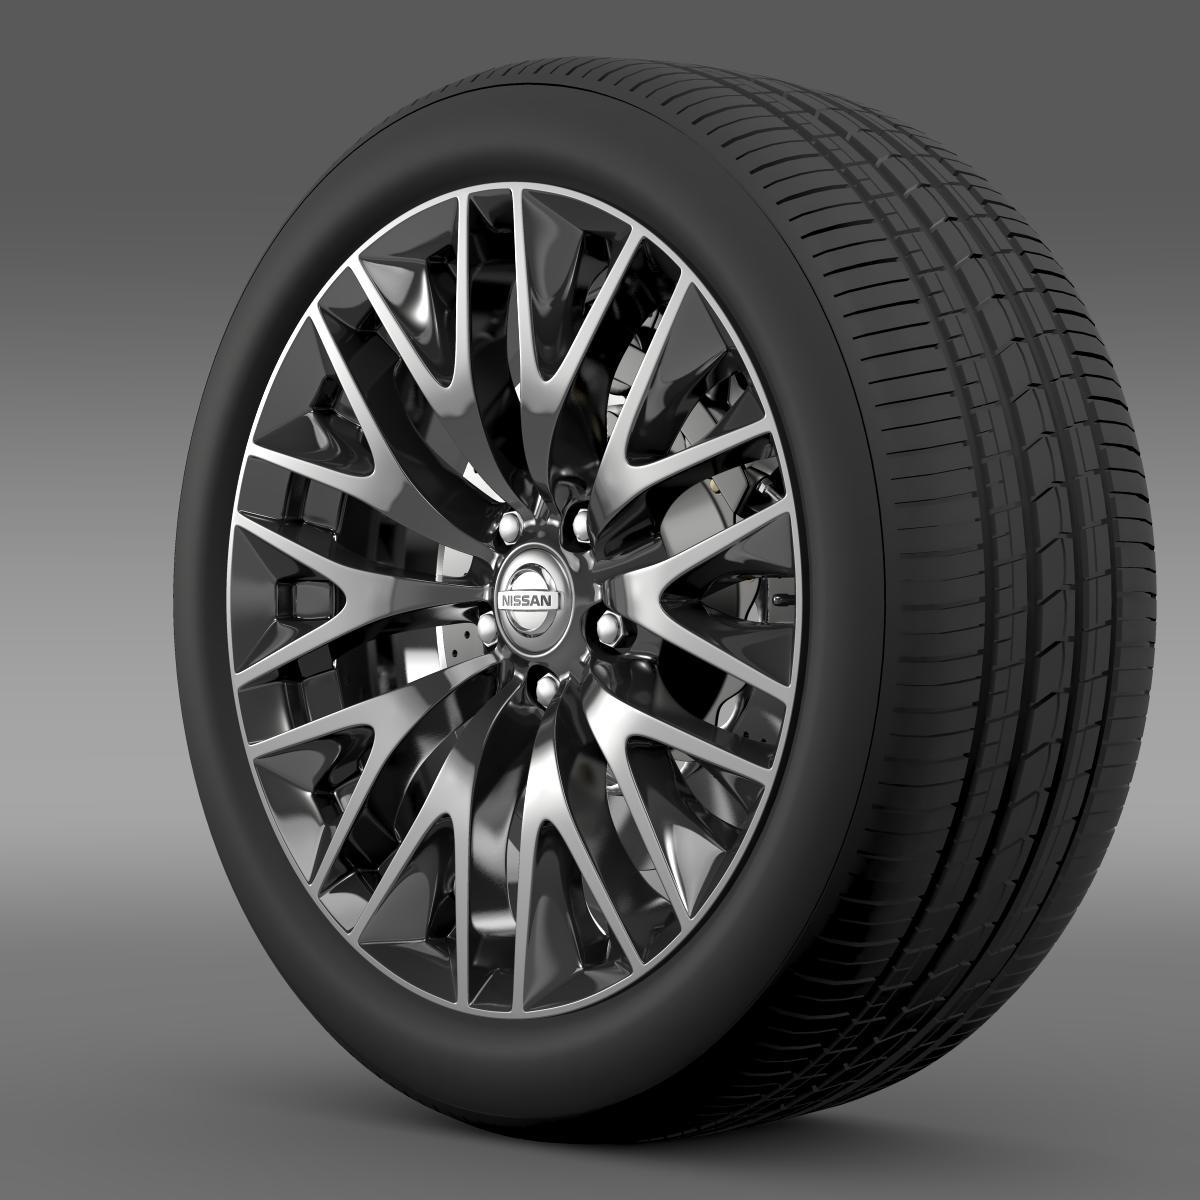 nissan cima hibrid kerék 3d modell 3ds max fbx c4d lwo ma mb hrc xsi objektum 210813